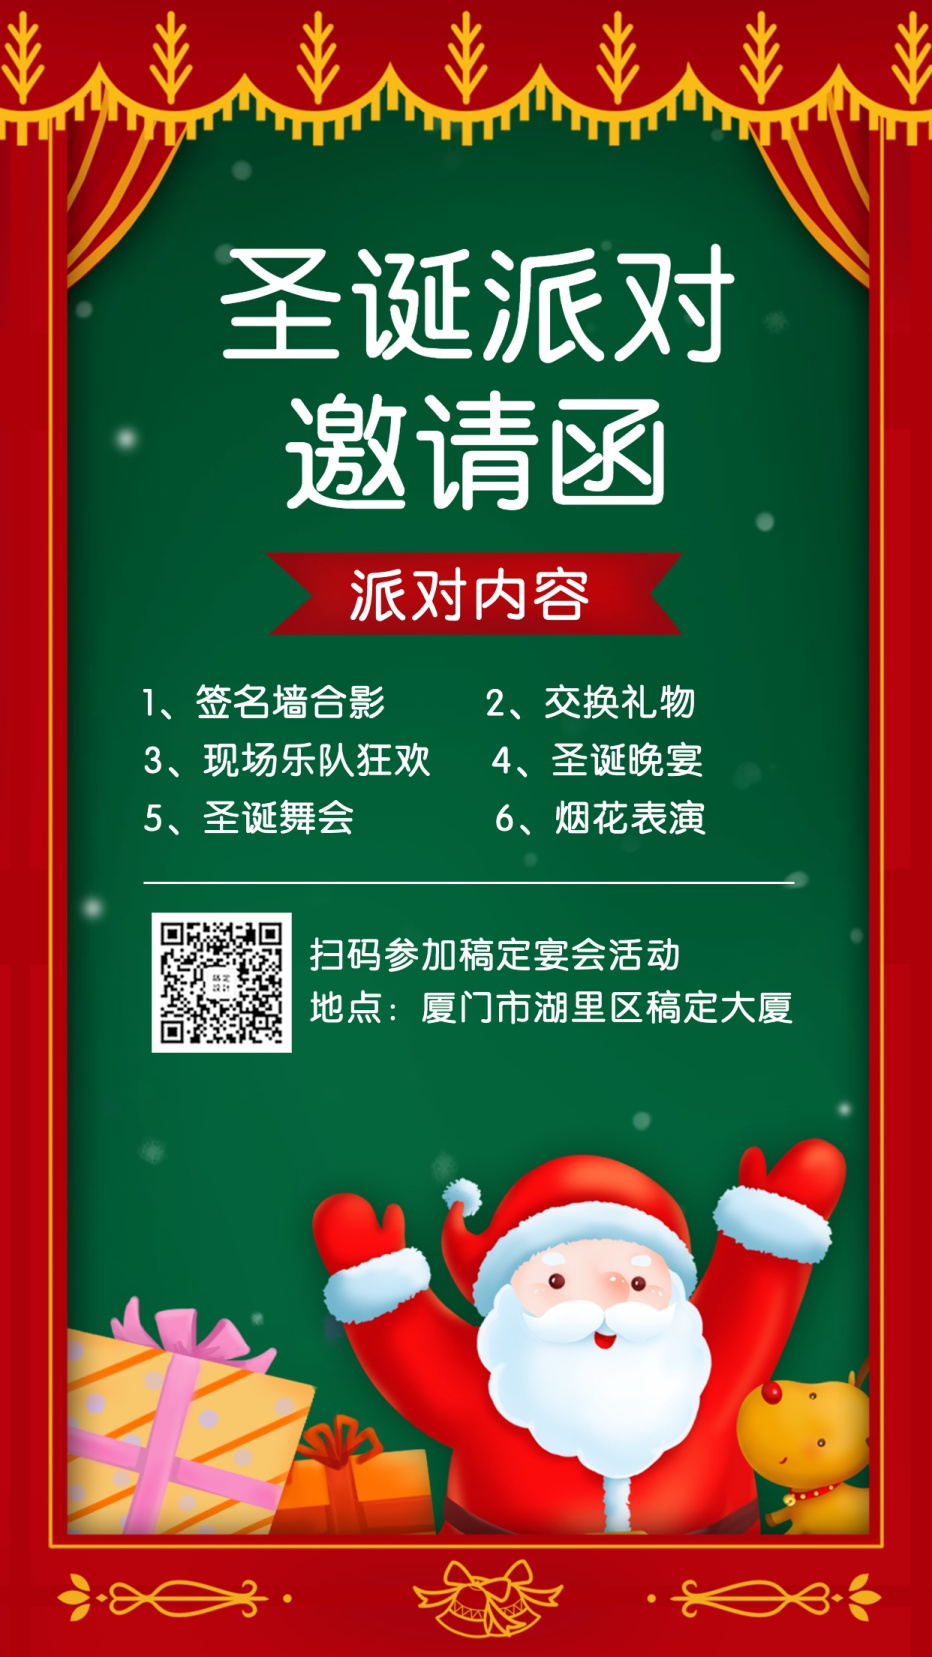 圣诞节平安夜派对活动邀请函手绘手机海报